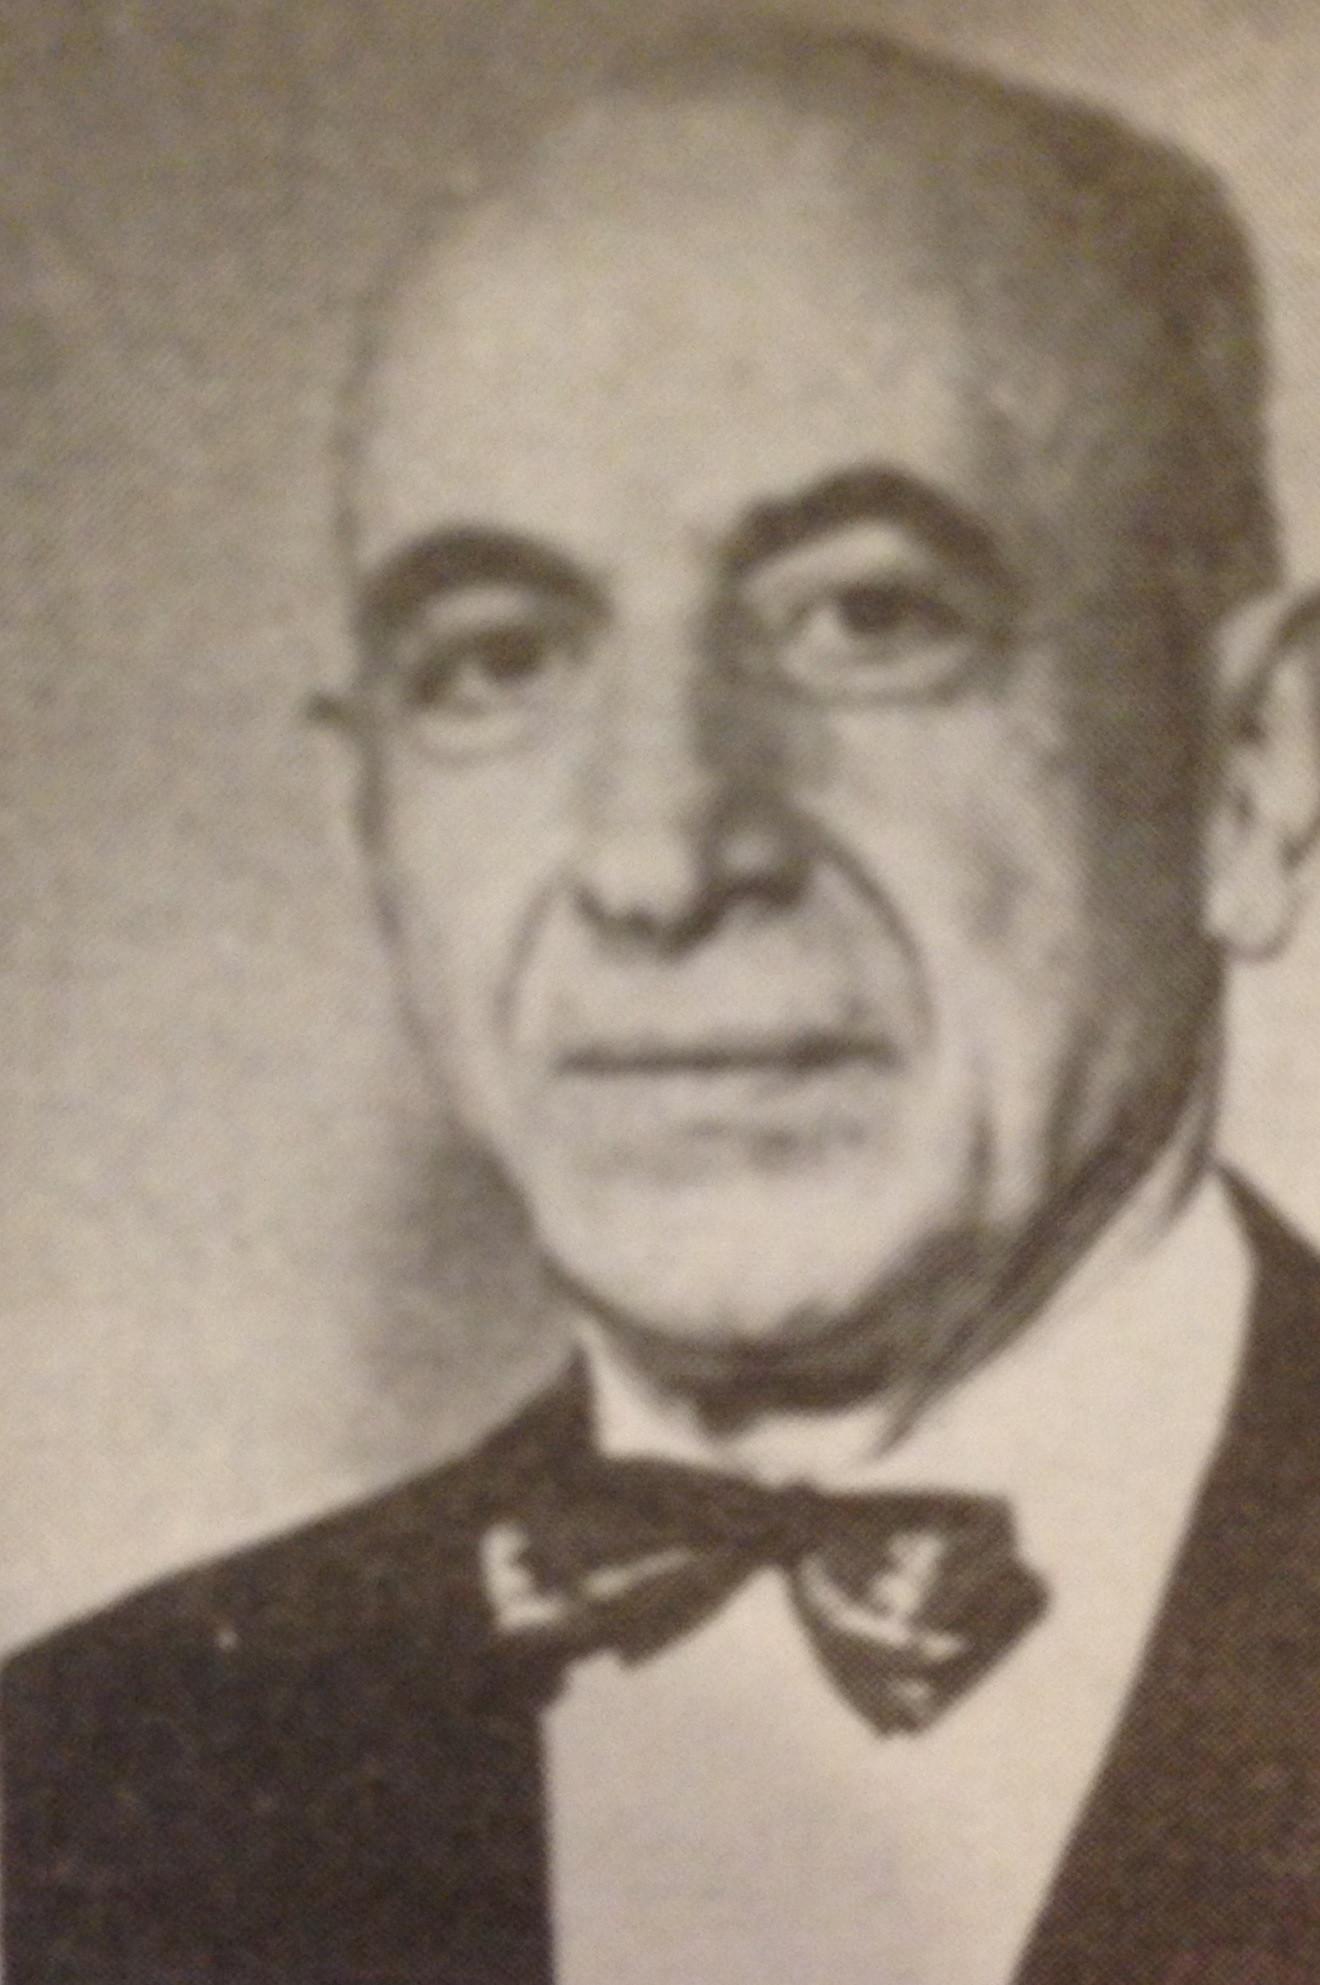 Louis Pagnotti